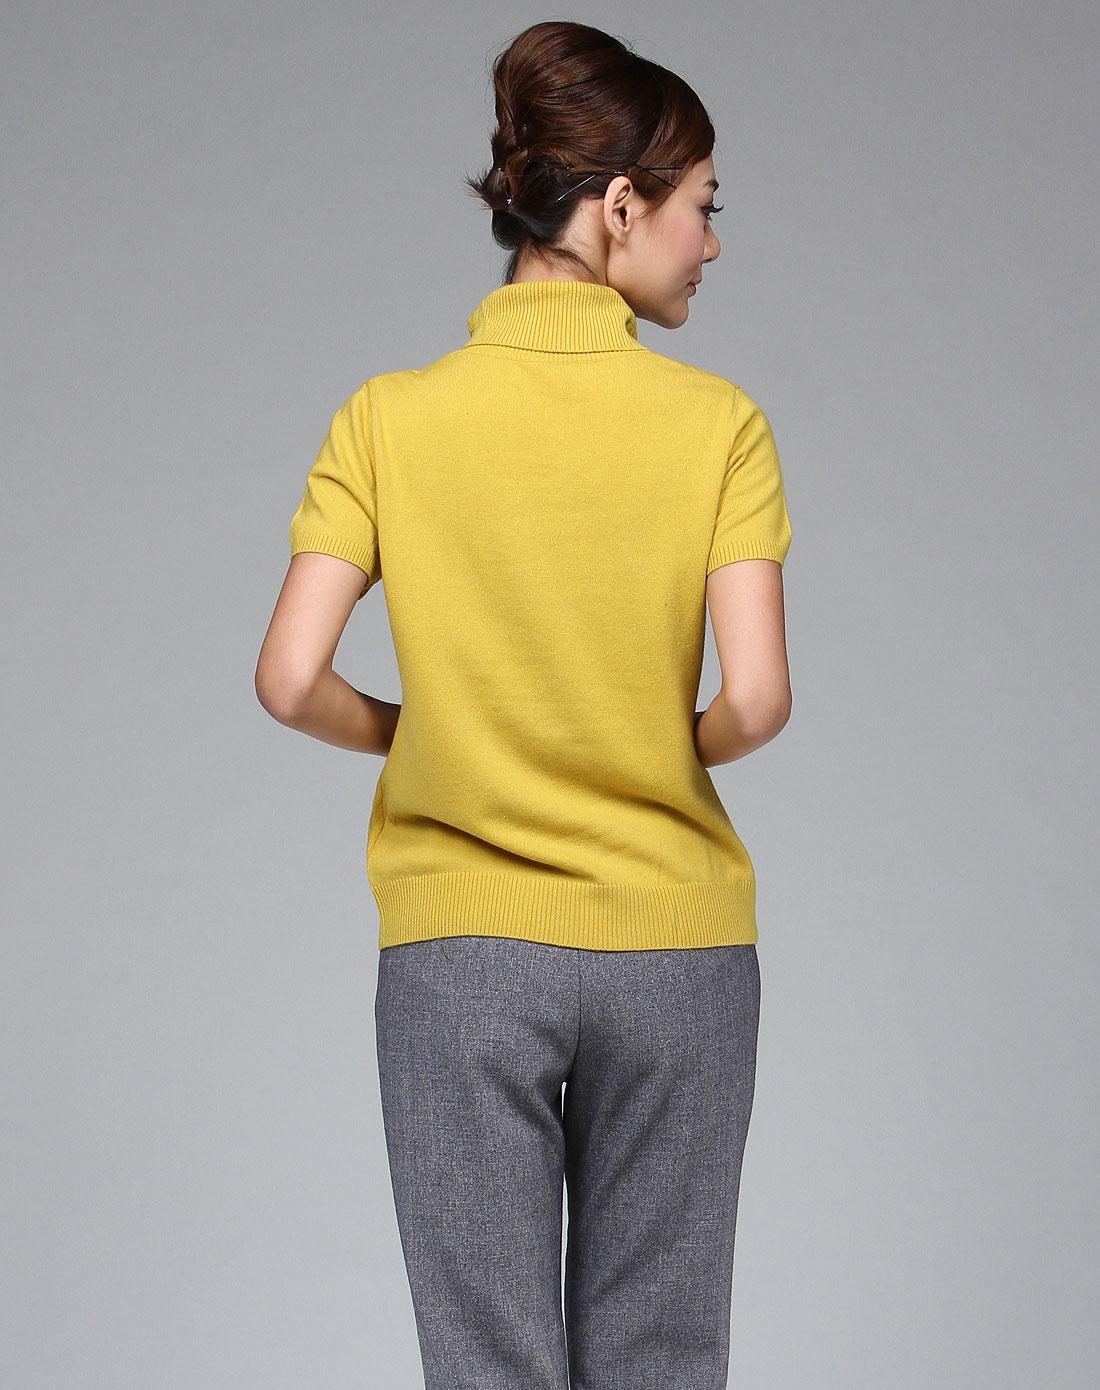 姜䲹a�_浅秋qianqiu女装专场-浅姜黄色简洁烫钻短袖套衫